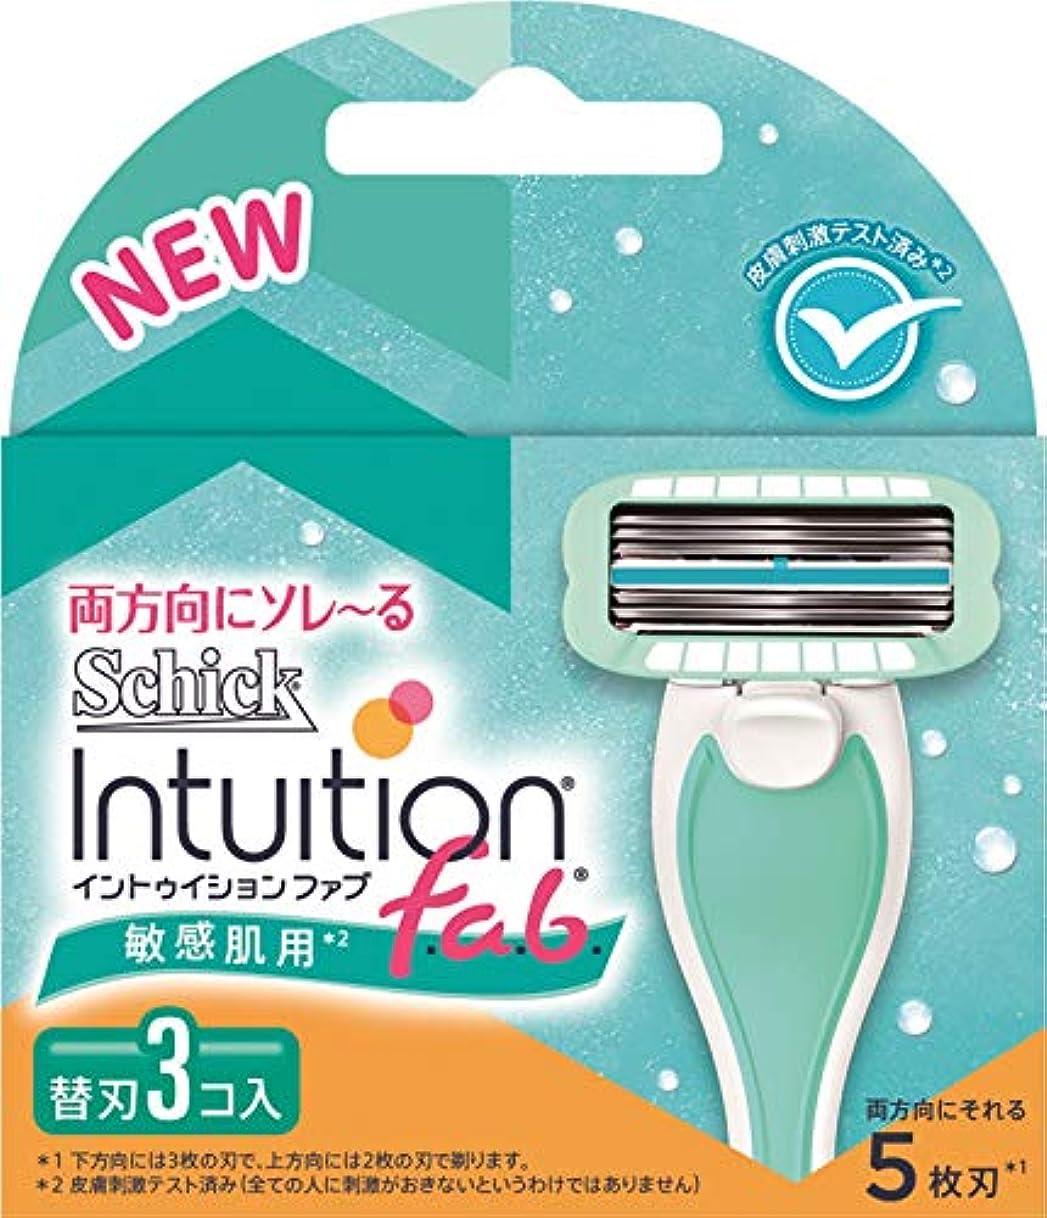 派生する消毒剤きらきらイントゥイション ファブ 替刃 敏感肌用(3コ入) シック 女性 カミソリ